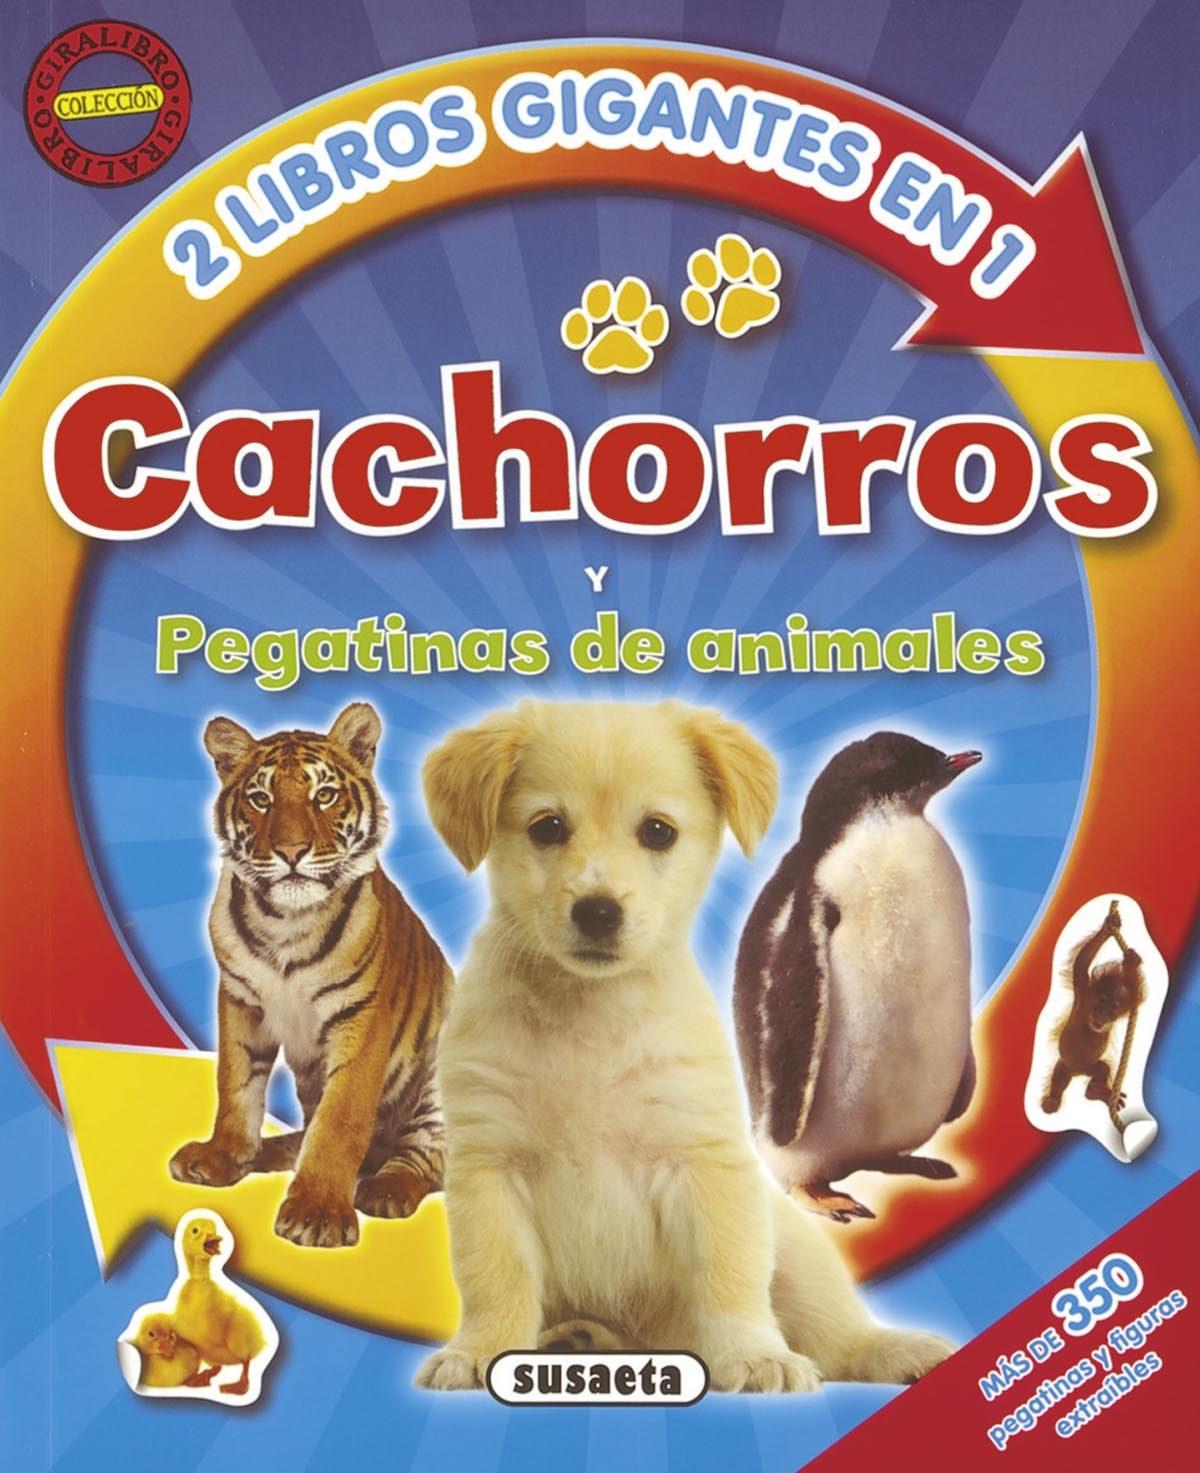 Cachorros y pegatinas de animales (2 libros en 1) 9788467715934